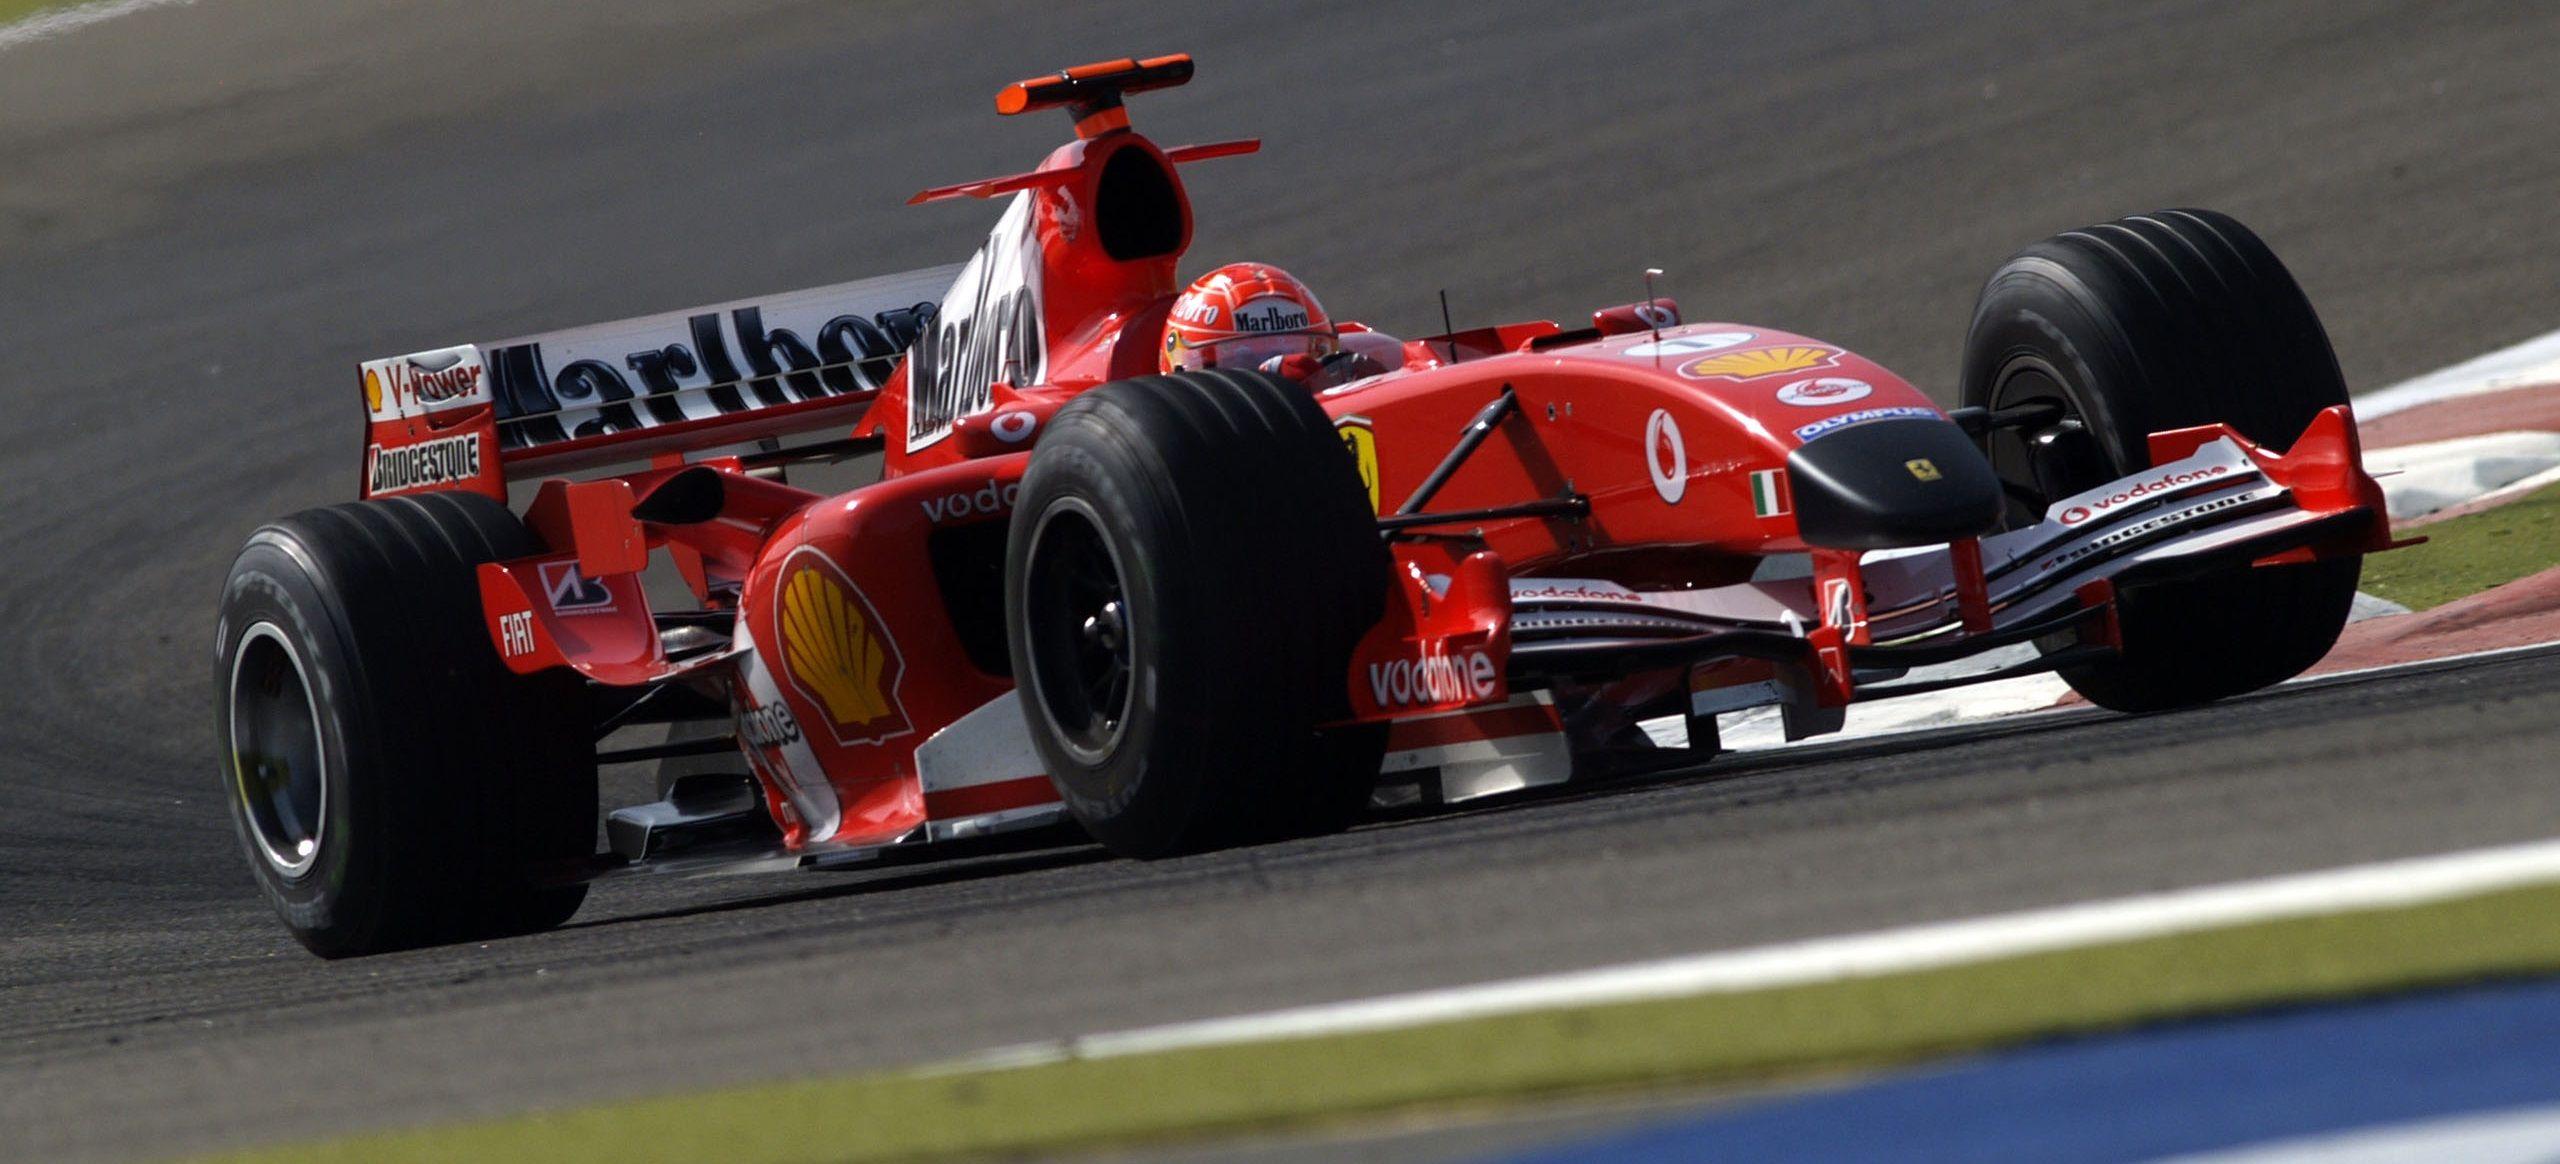 Michael Schumacher Ferrari F2005 GP Bahréin 2005